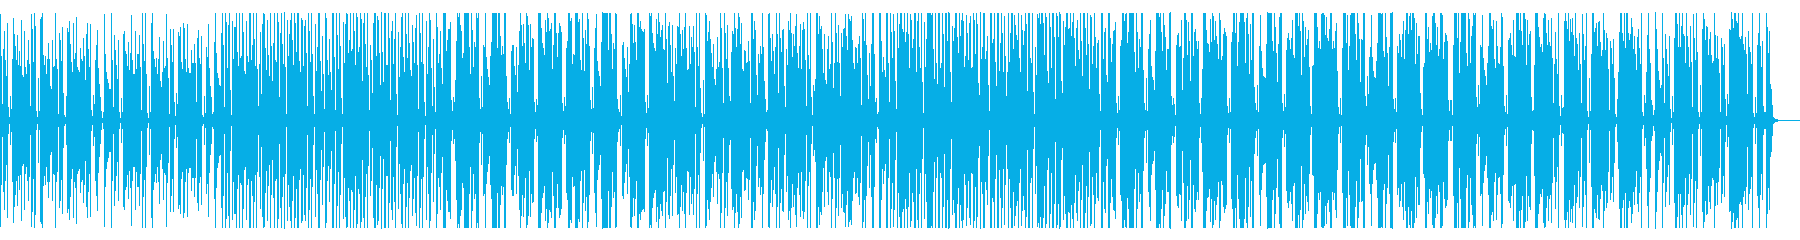 オールドスクール風ヒップホップの再生済みの波形